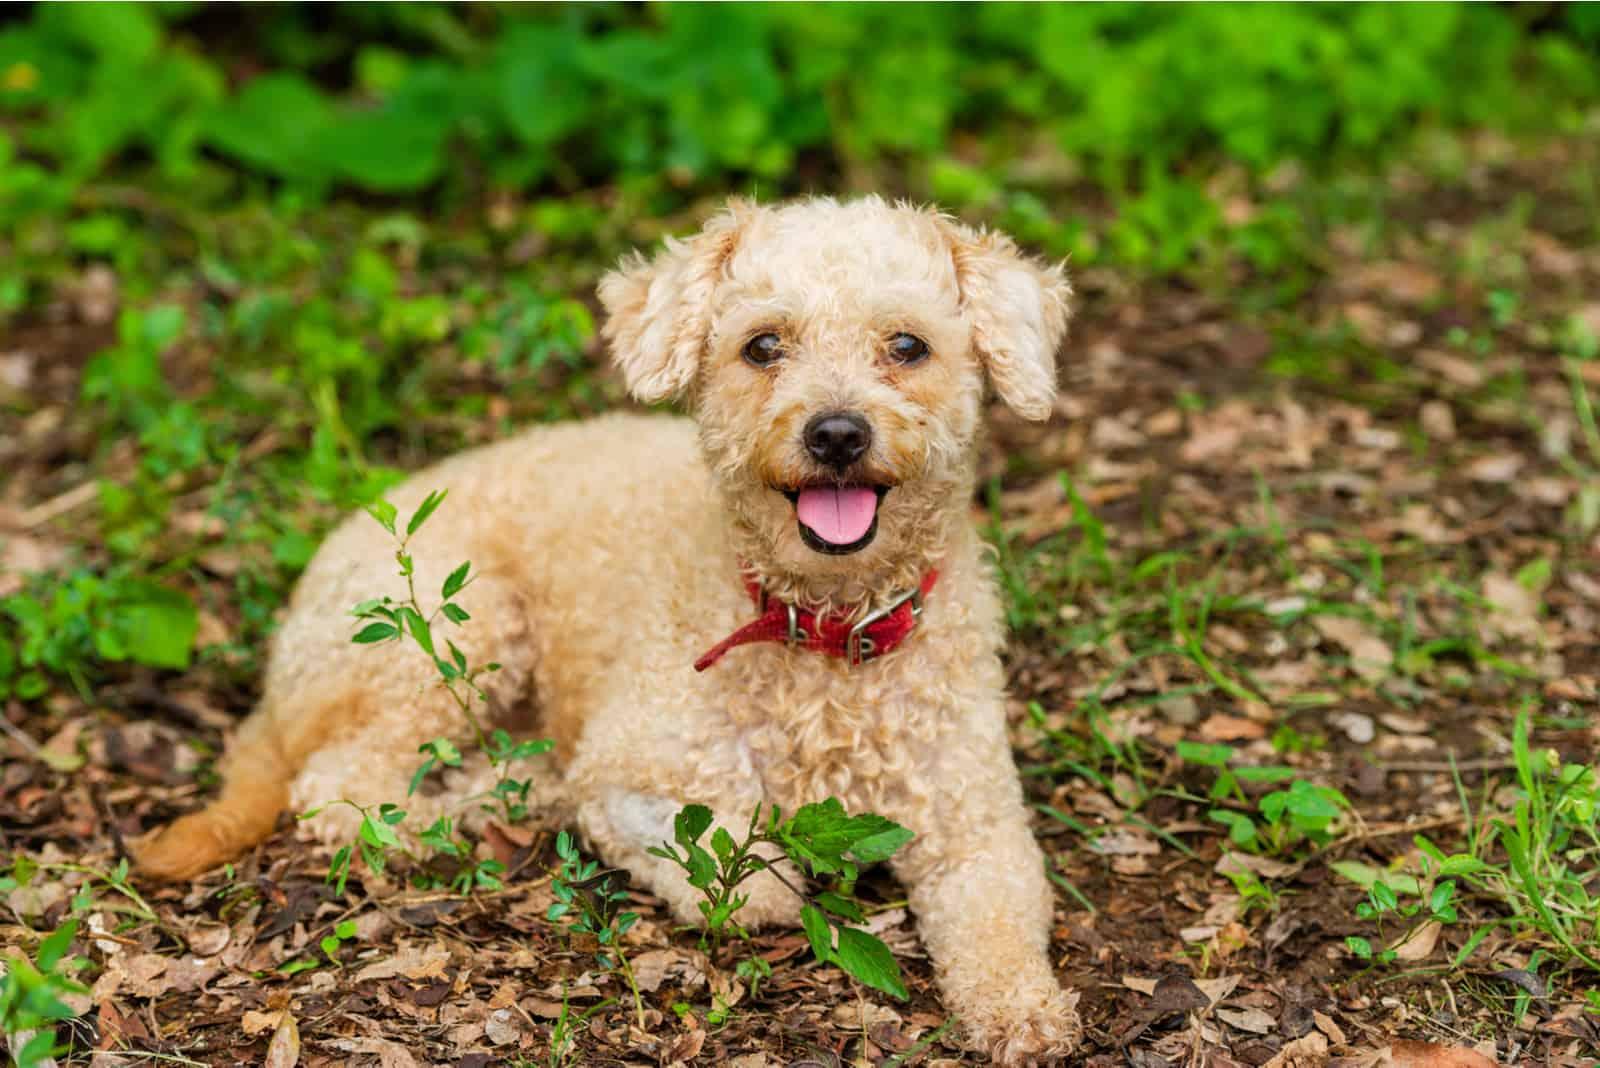 Ein süßer flauschiger Hund liegt draußen in der Natur